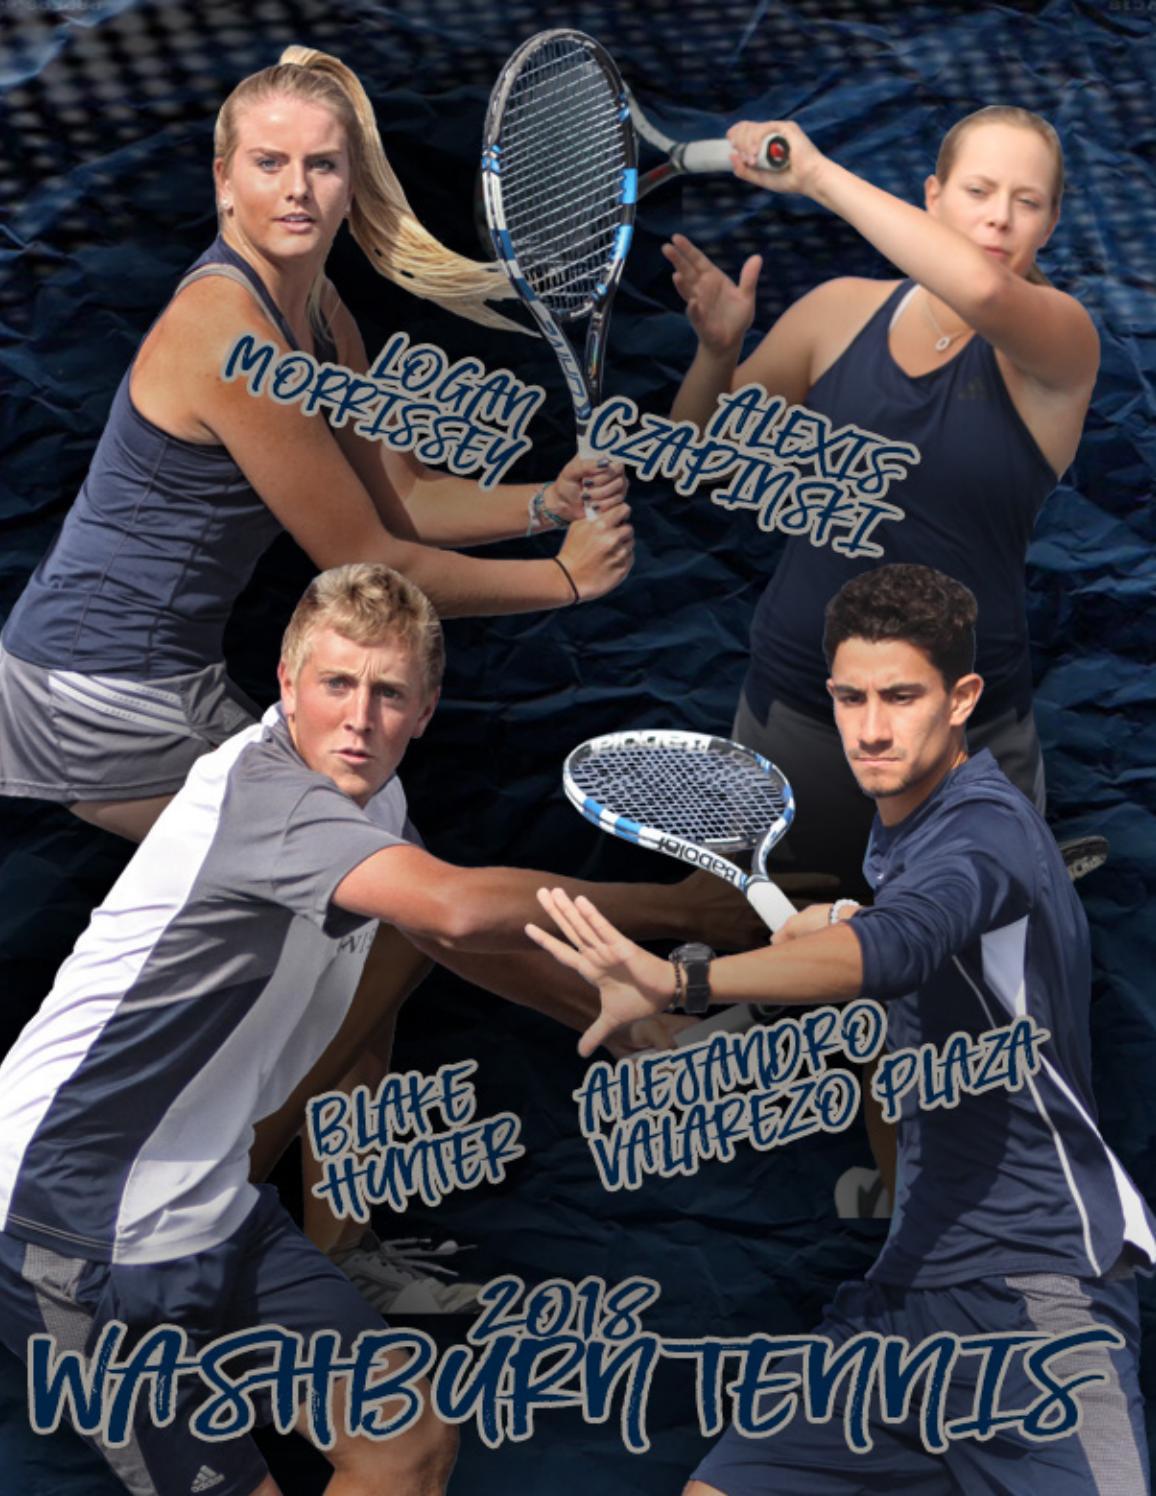 2017-18 Washburn Tennis Media Guide by Washburn Athletics